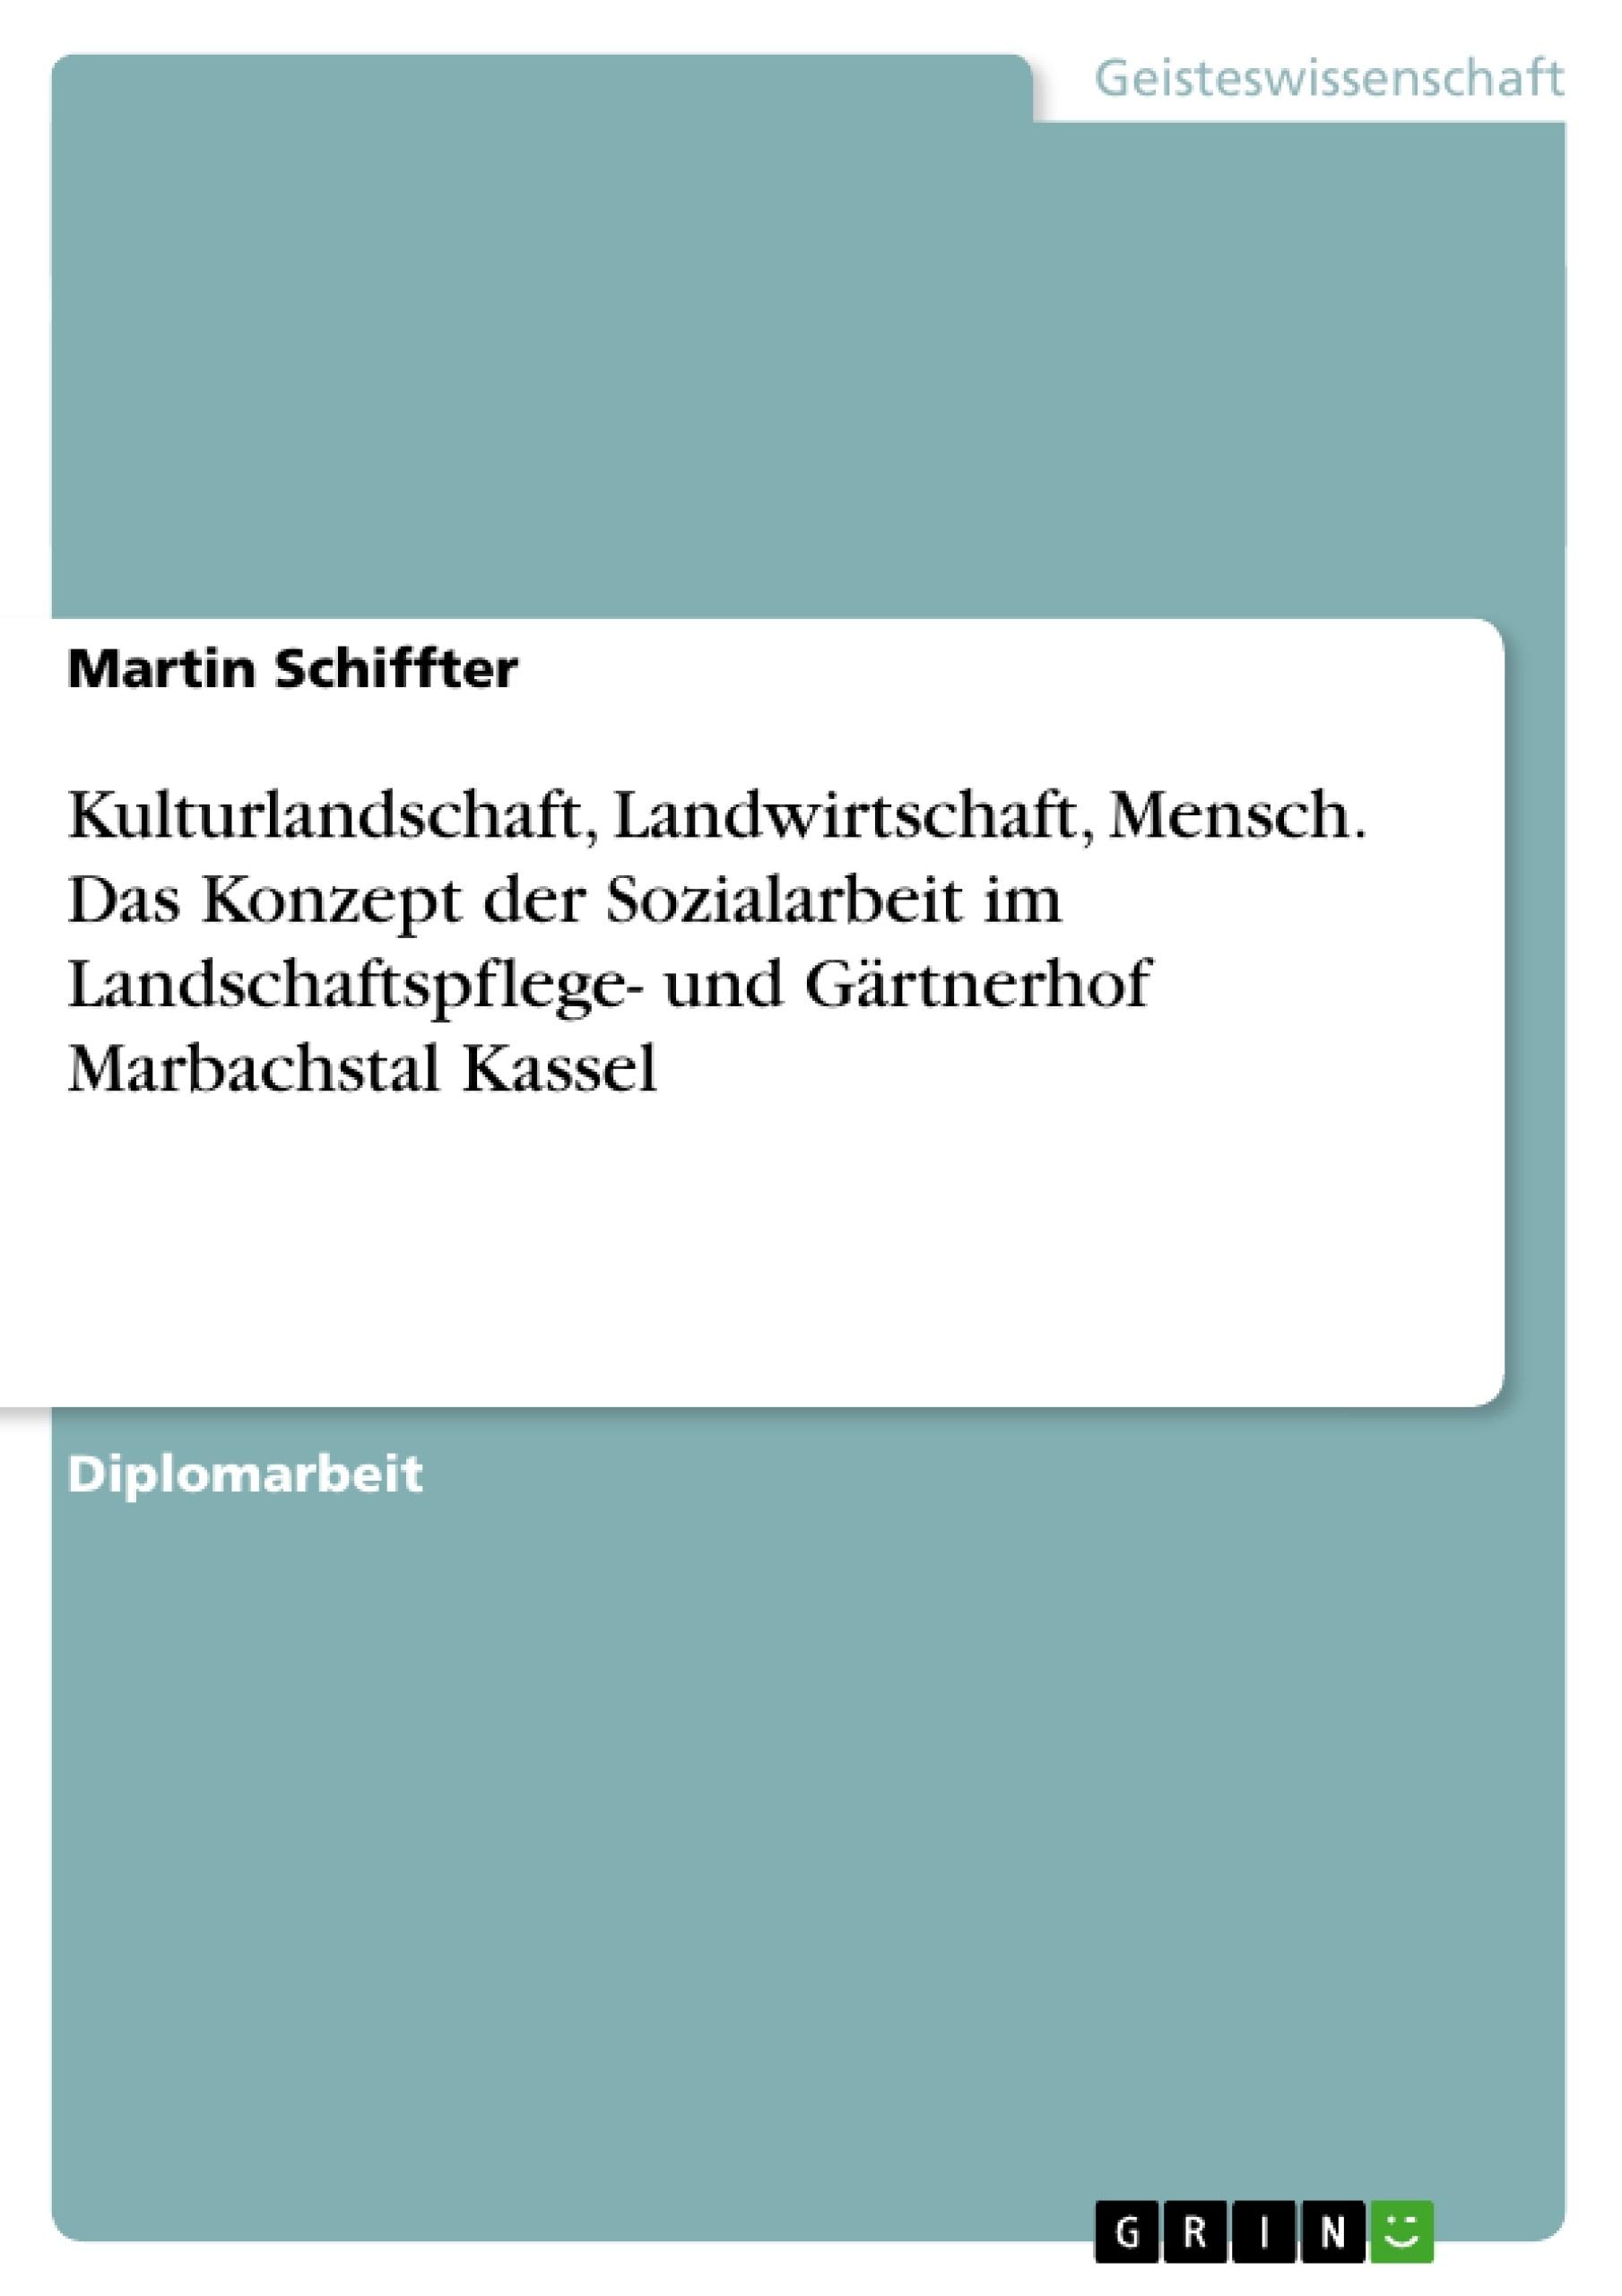 Titel: Kulturlandschaft, Landwirtschaft, Mensch. Das Konzept der Sozialarbeit im Landschaftspflege- und Gärtnerhof Marbachstal Kassel